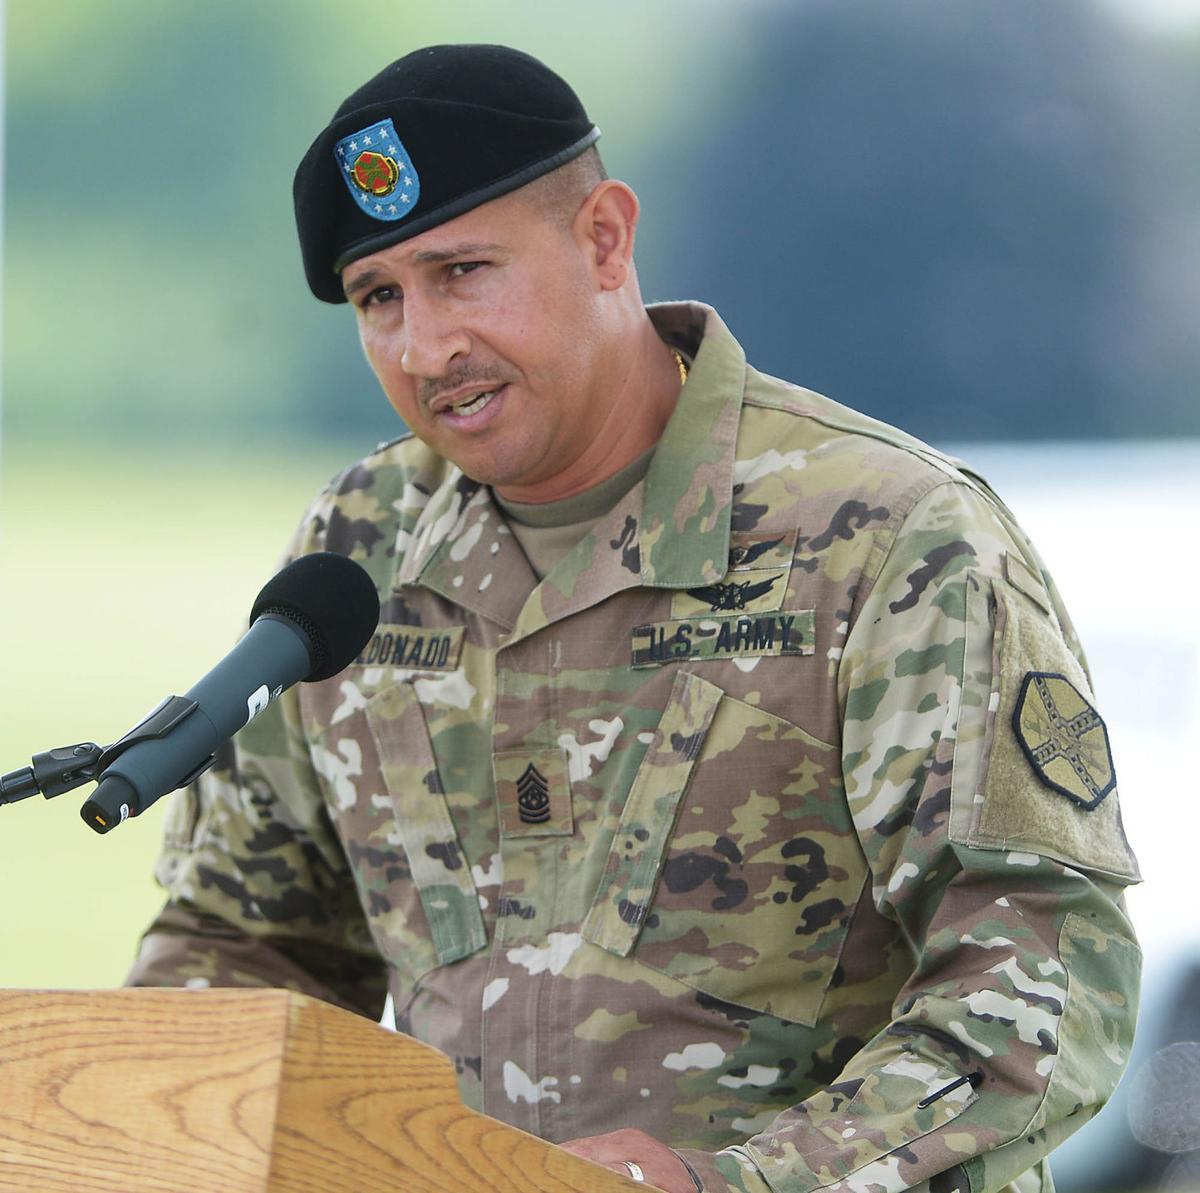 United States Army Garrison Carlisle Barracks Change of Command Ceremony